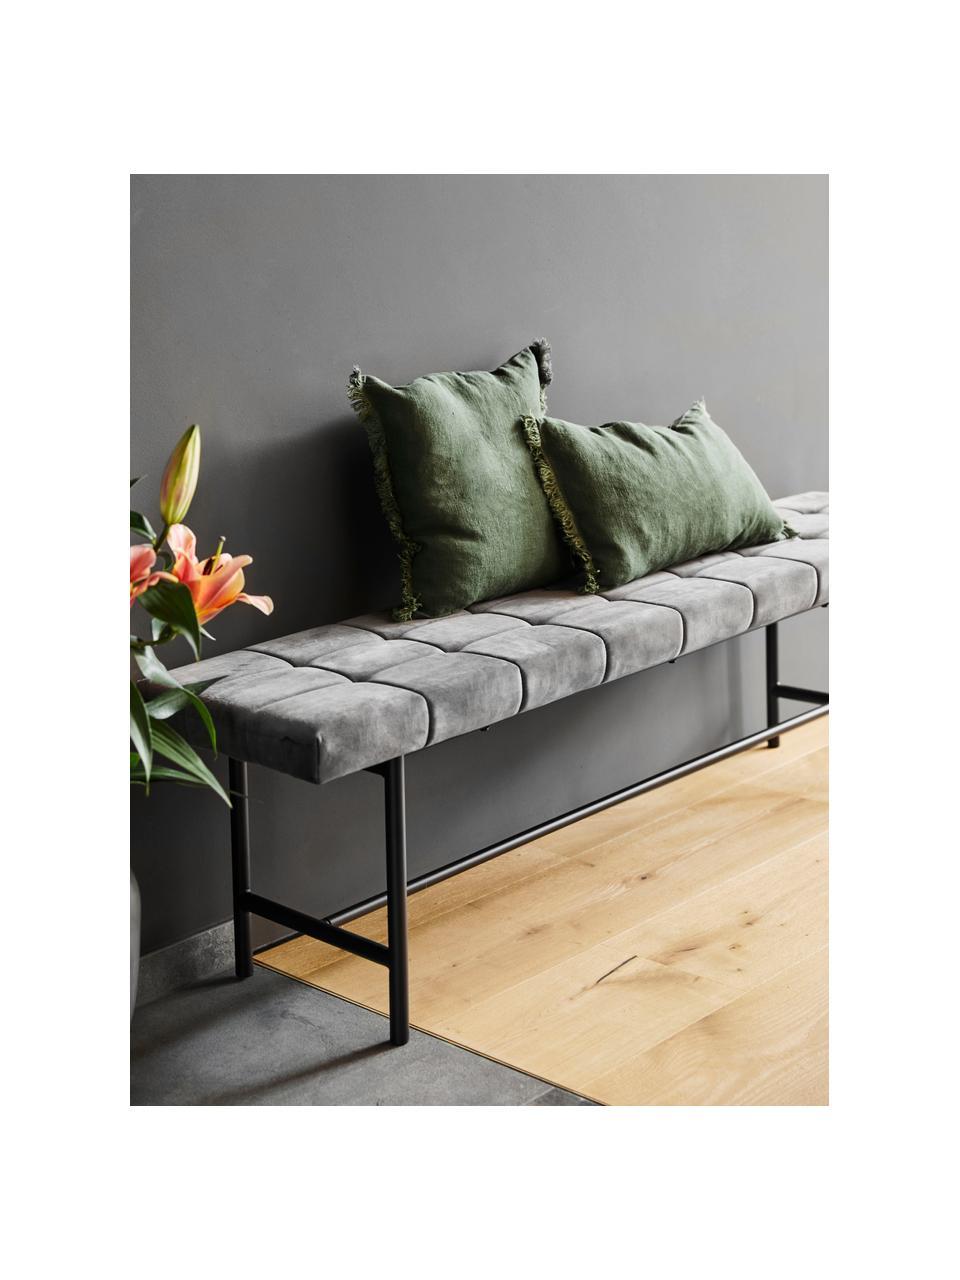 Design Samt-Polsterbank Sigfrid, Bezug: Polyestersamt 25.000 Sche, Beine: Metall, pulverbeschichtet, Dunkelgrau, 160 x 47 cm